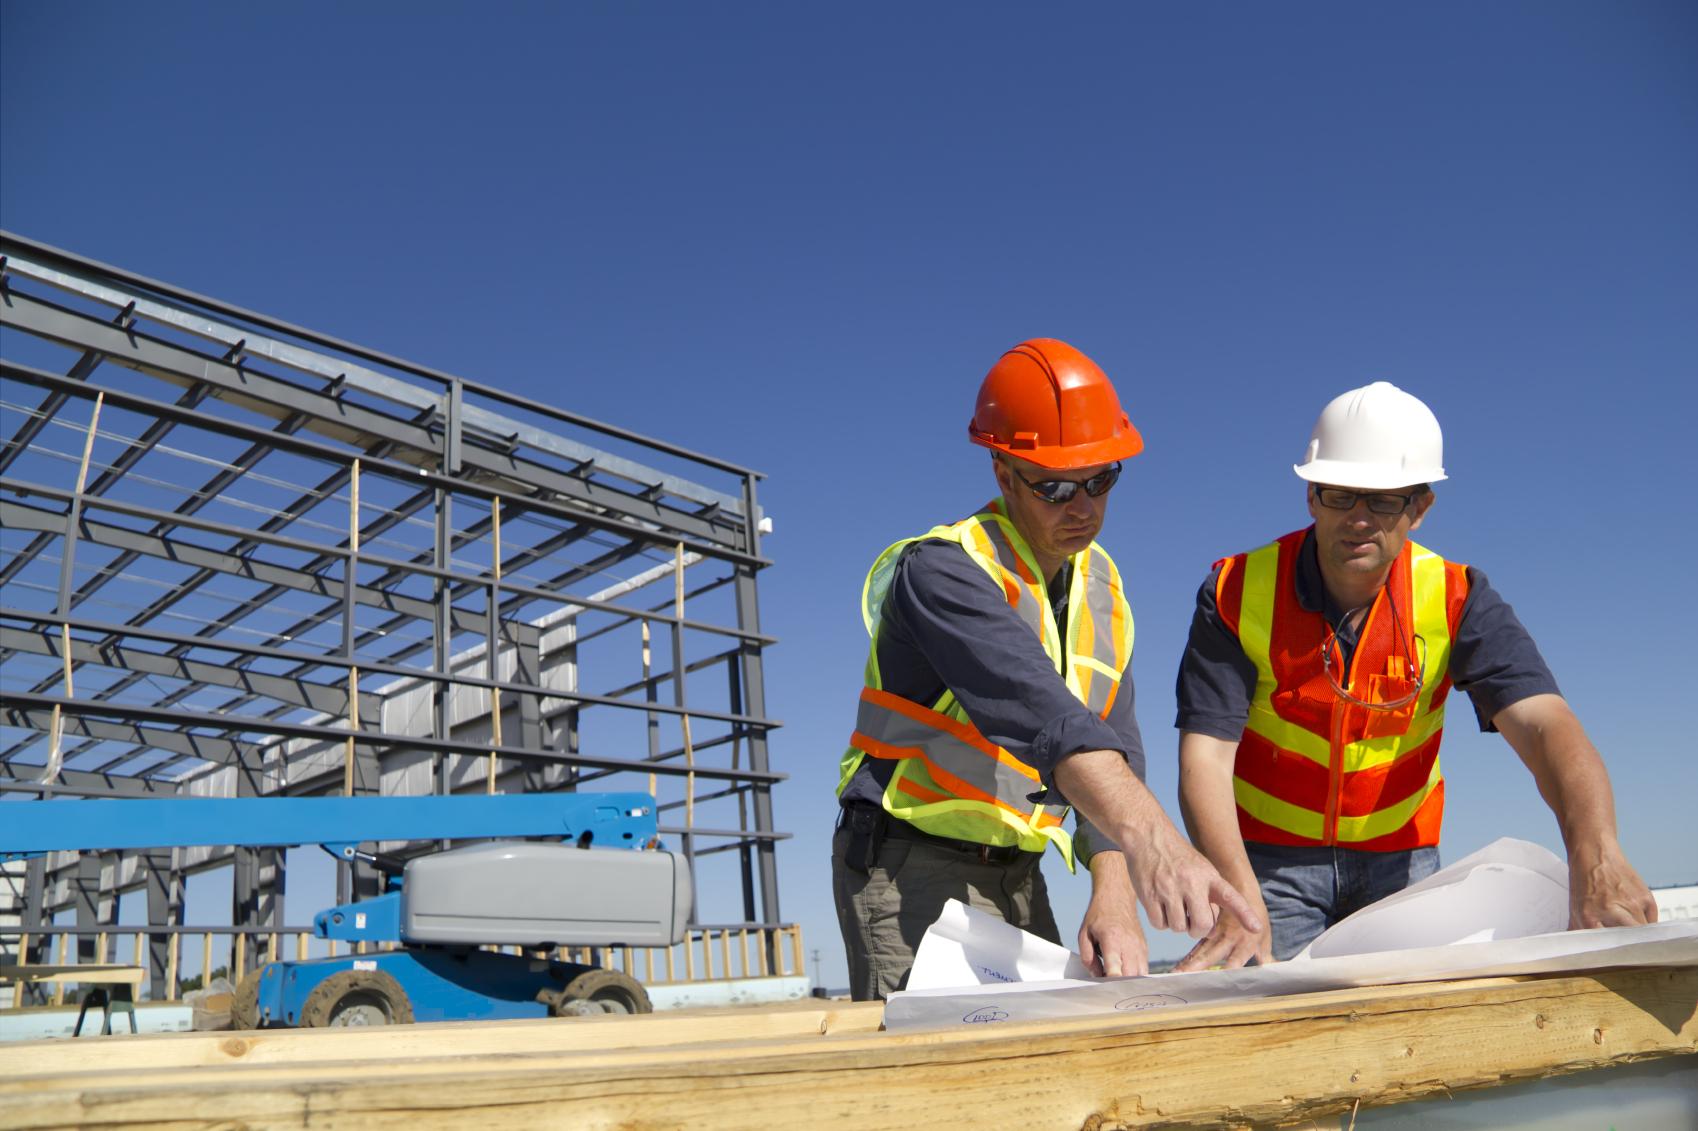 Việc làm thêm ngành kỹ sư xây dựng và những điều nên biết